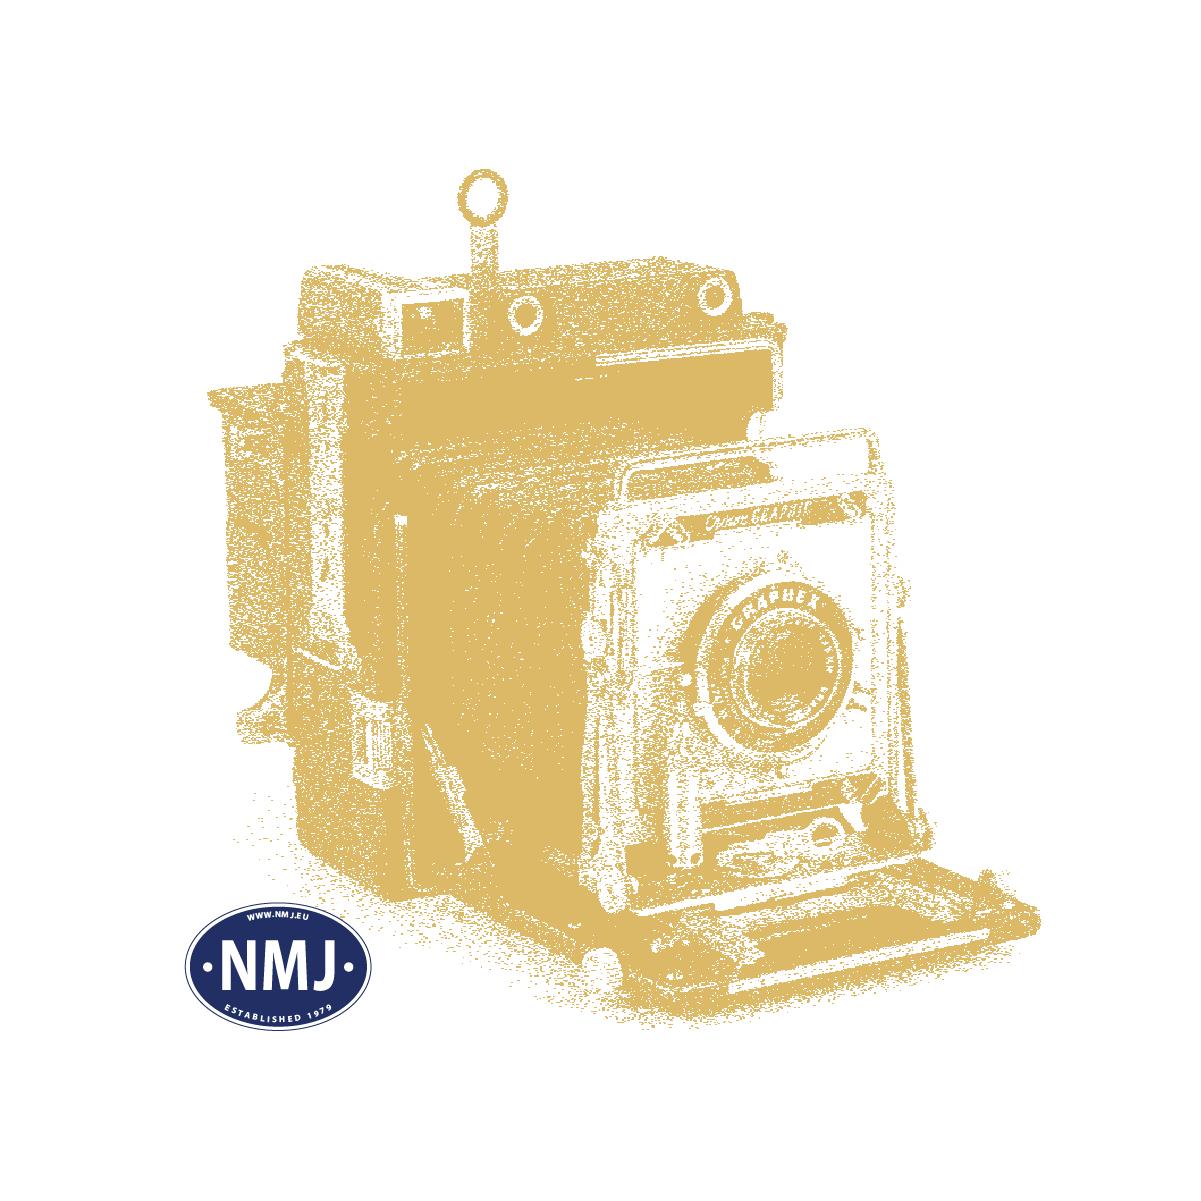 NMJB1134 - NMJ Baumstämme gestapelt, 2 Stk.